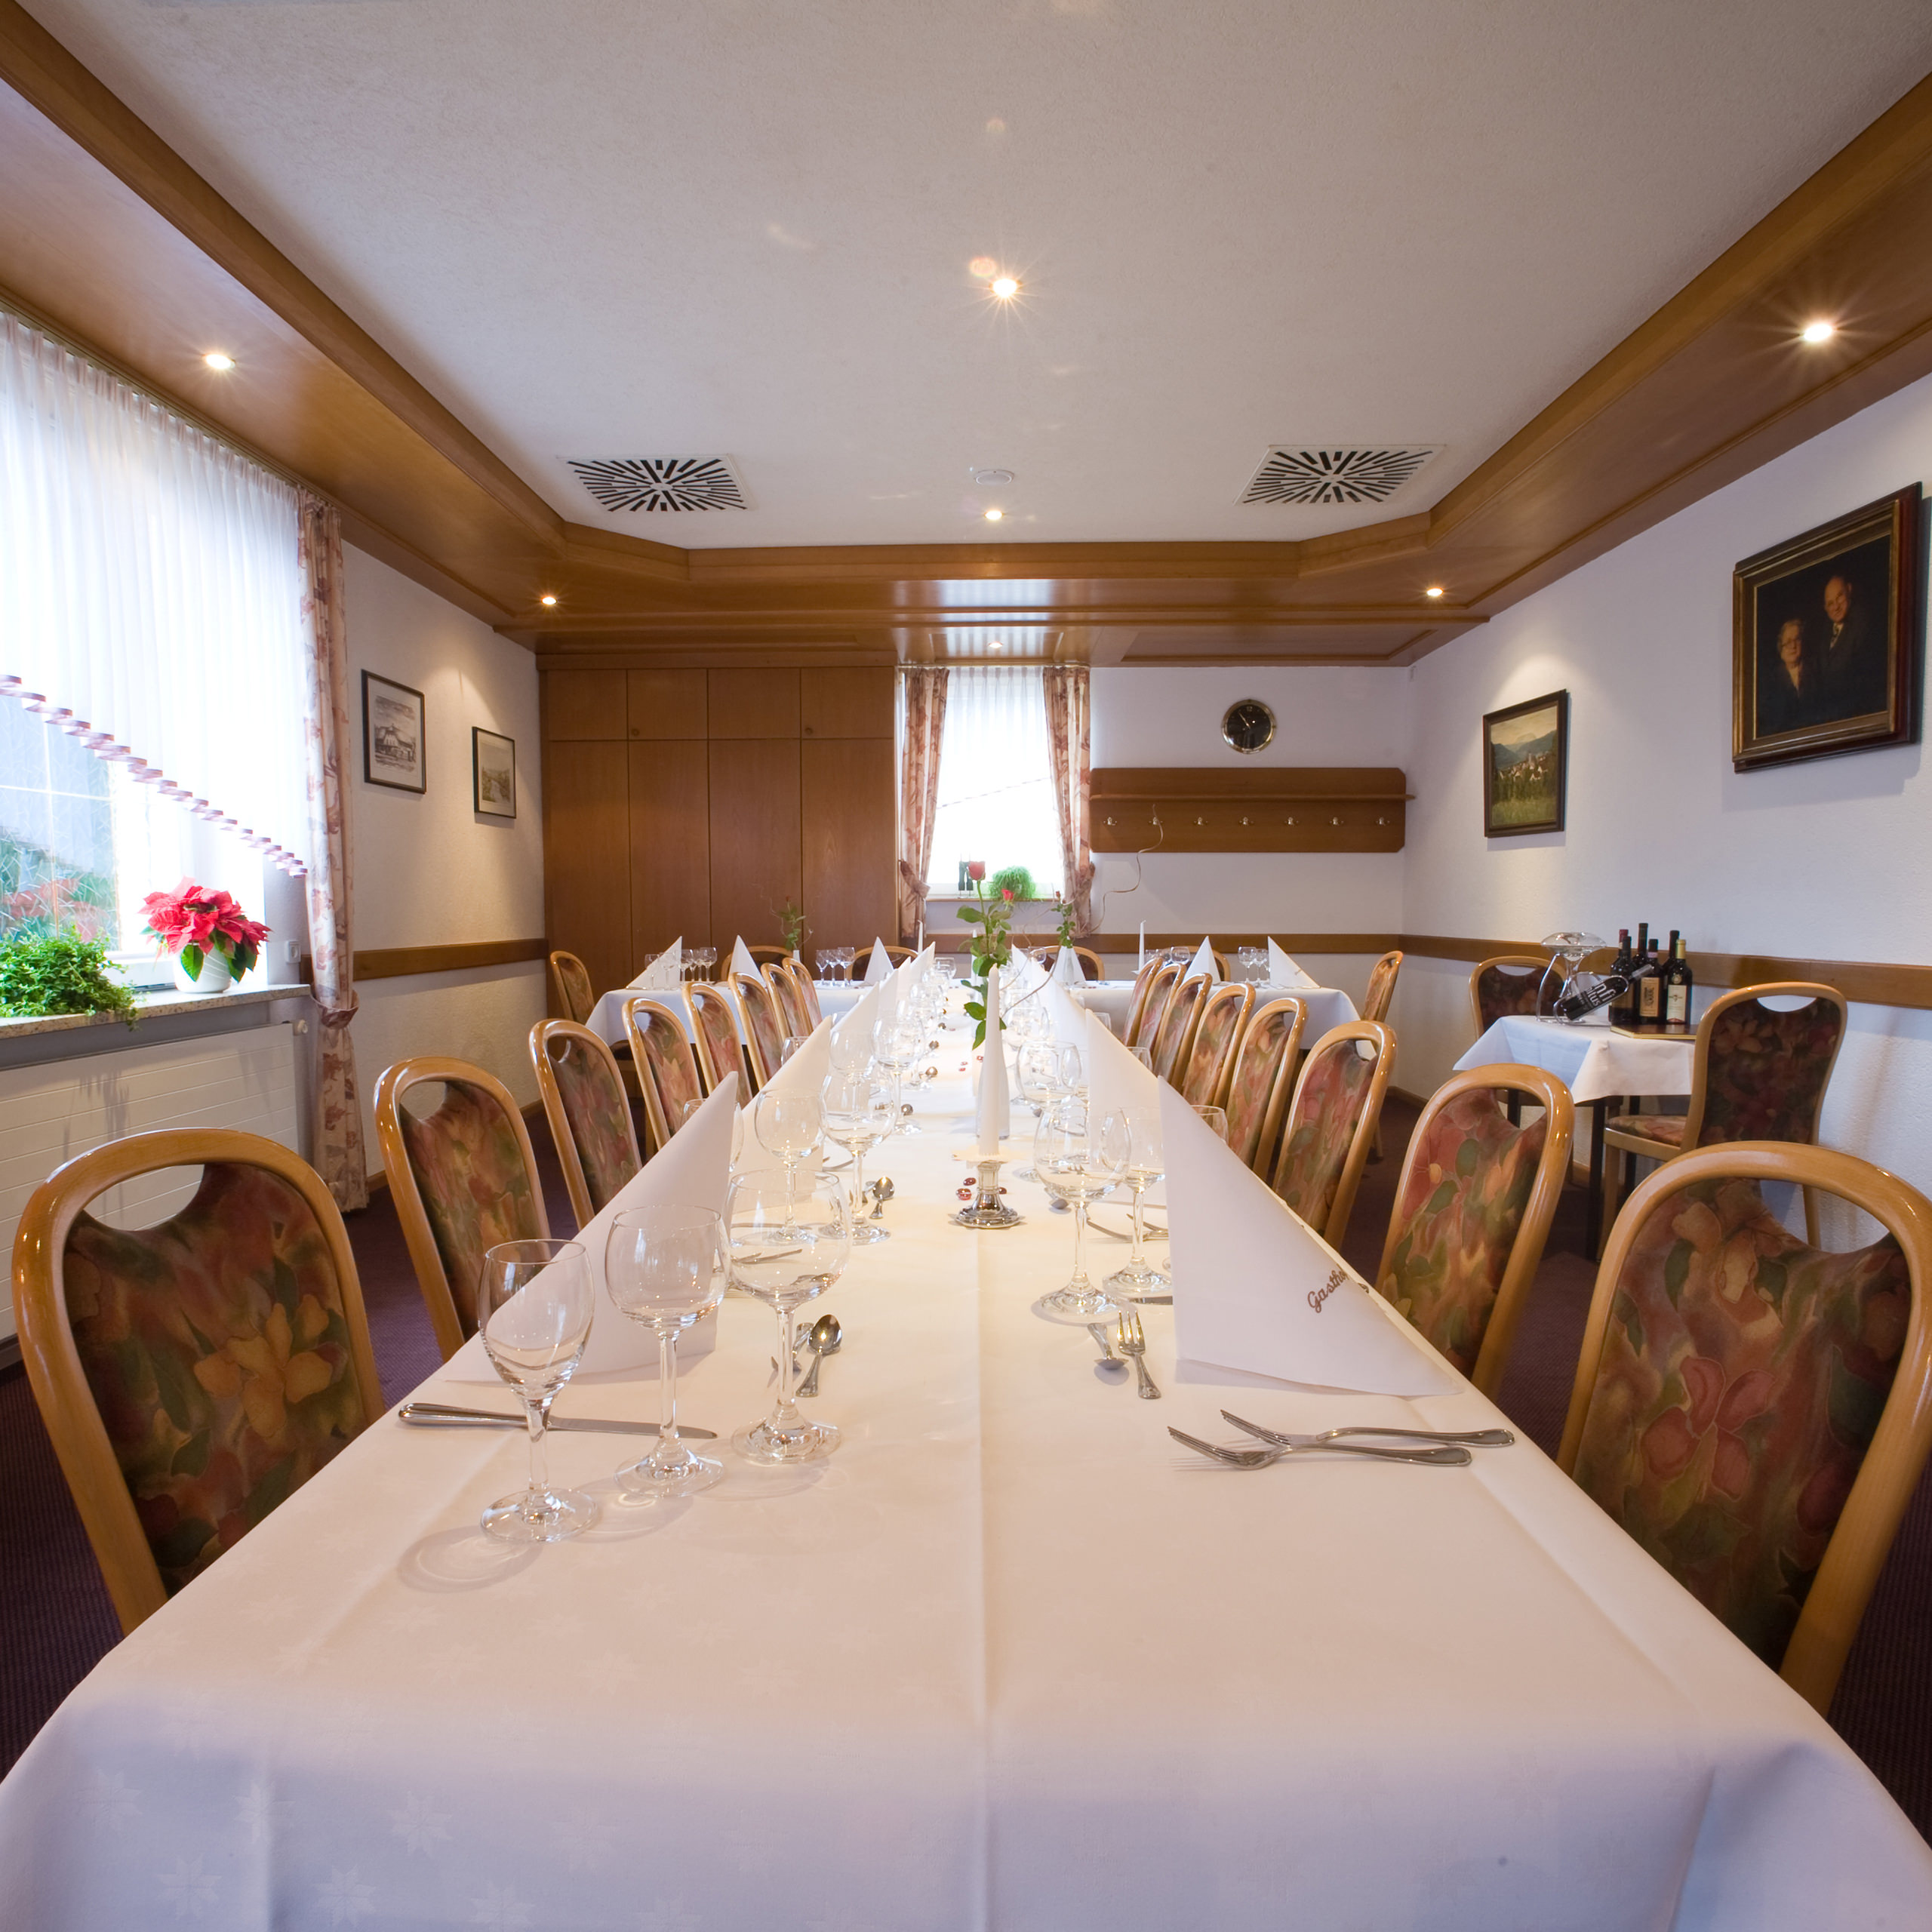 Restaurant - Genießen Sie unsere feine Küche im Kranz in Luttingen